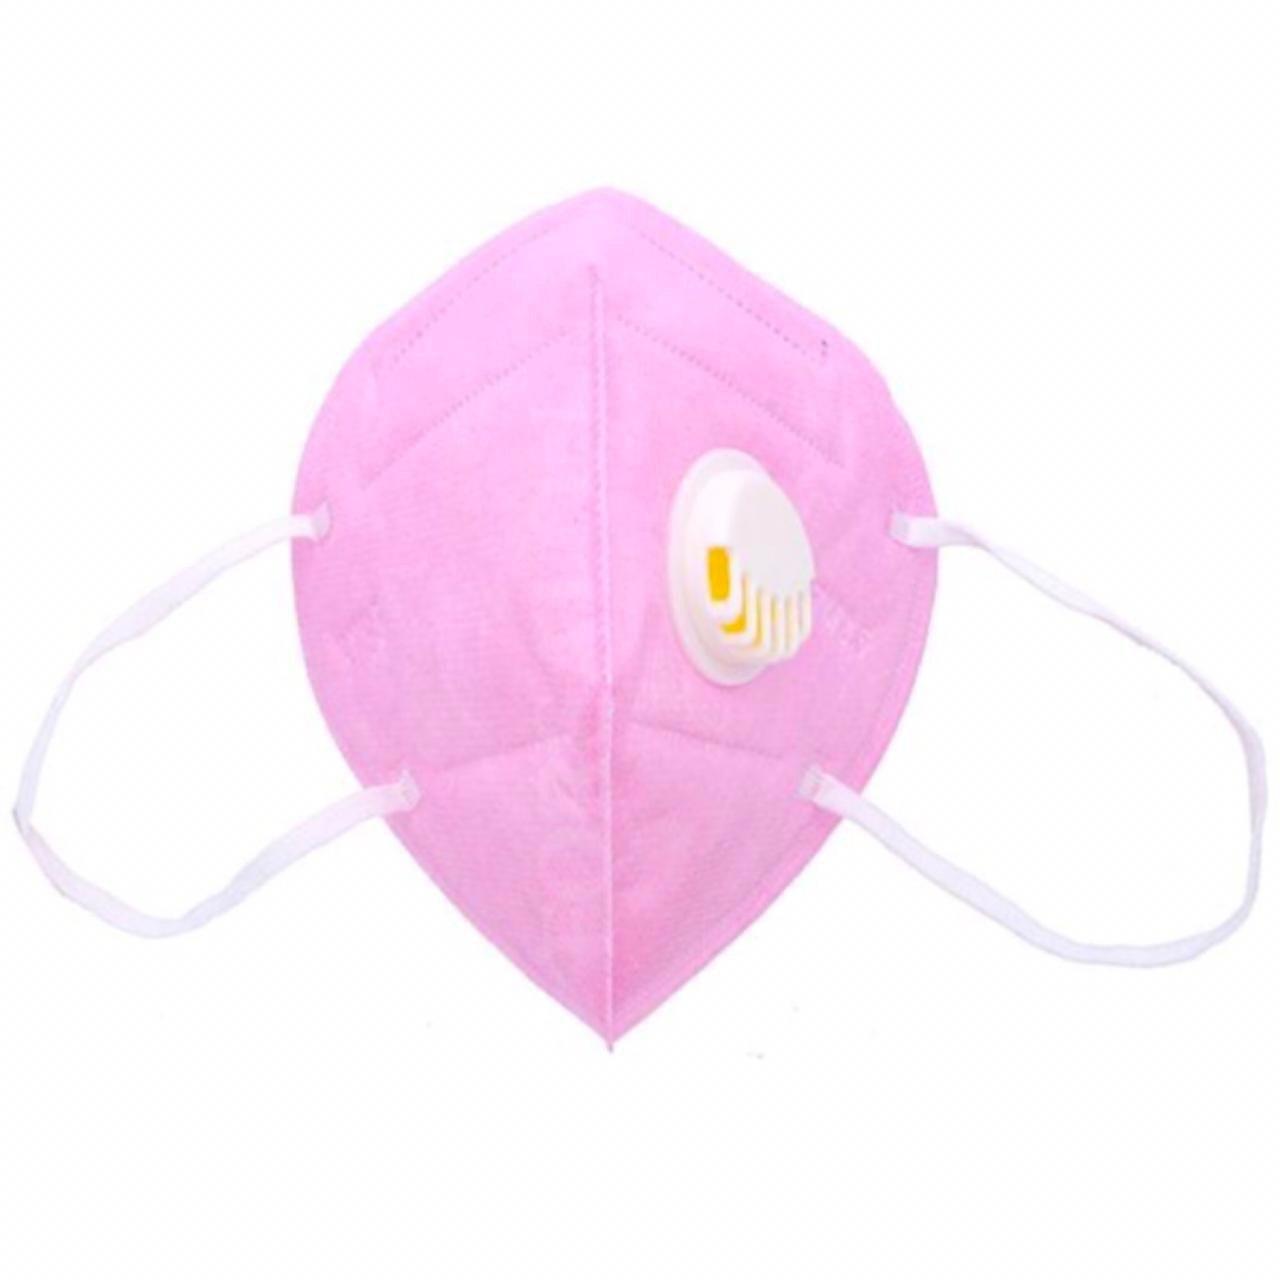 Респираторная маска 6-ти слойная защитная с клапаном, розовая